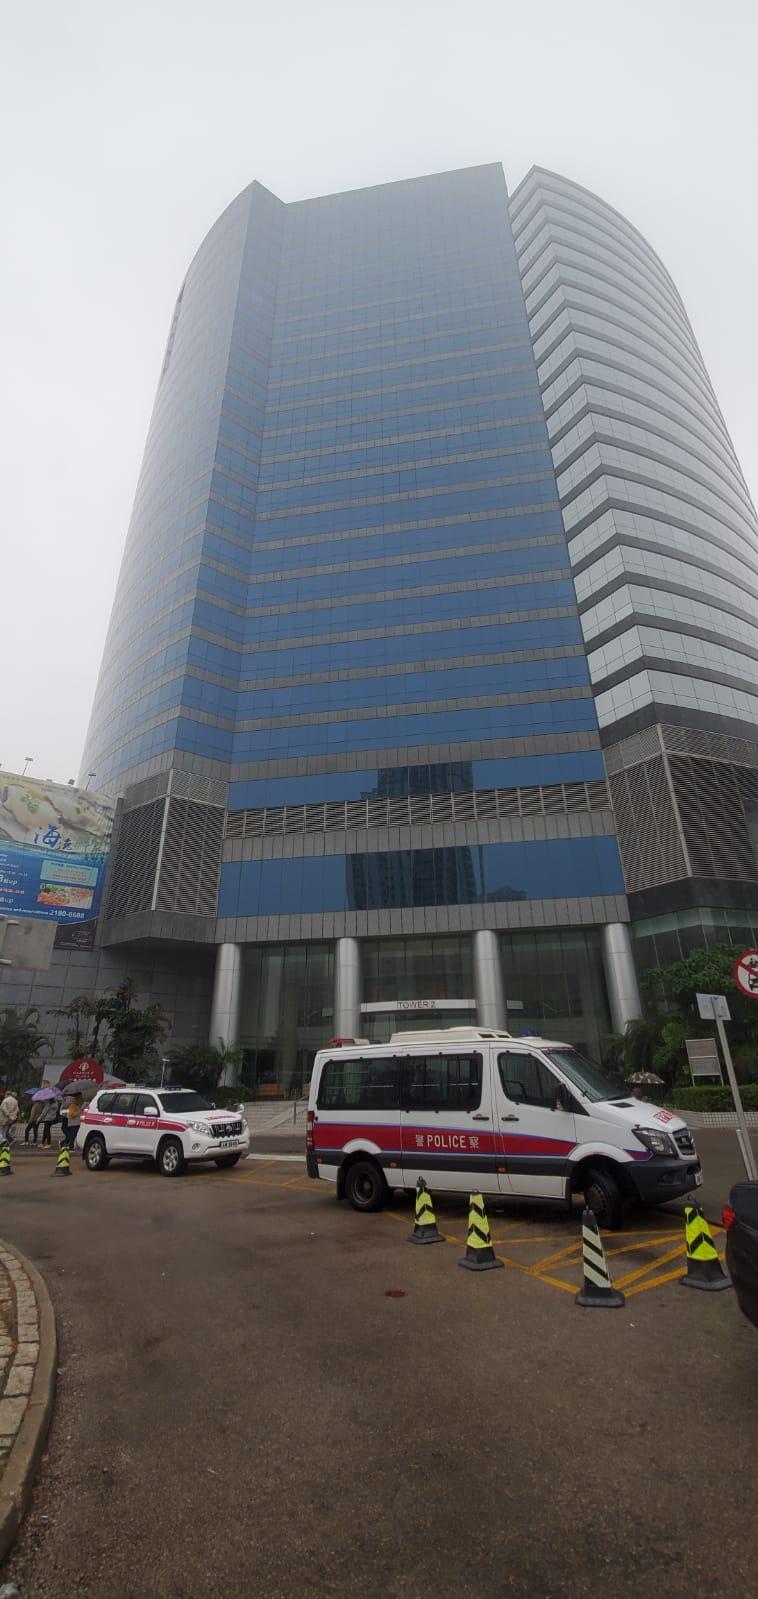 嘉湖海逸酒店女住客被两刀匪入房行劫 失1.5万元财物